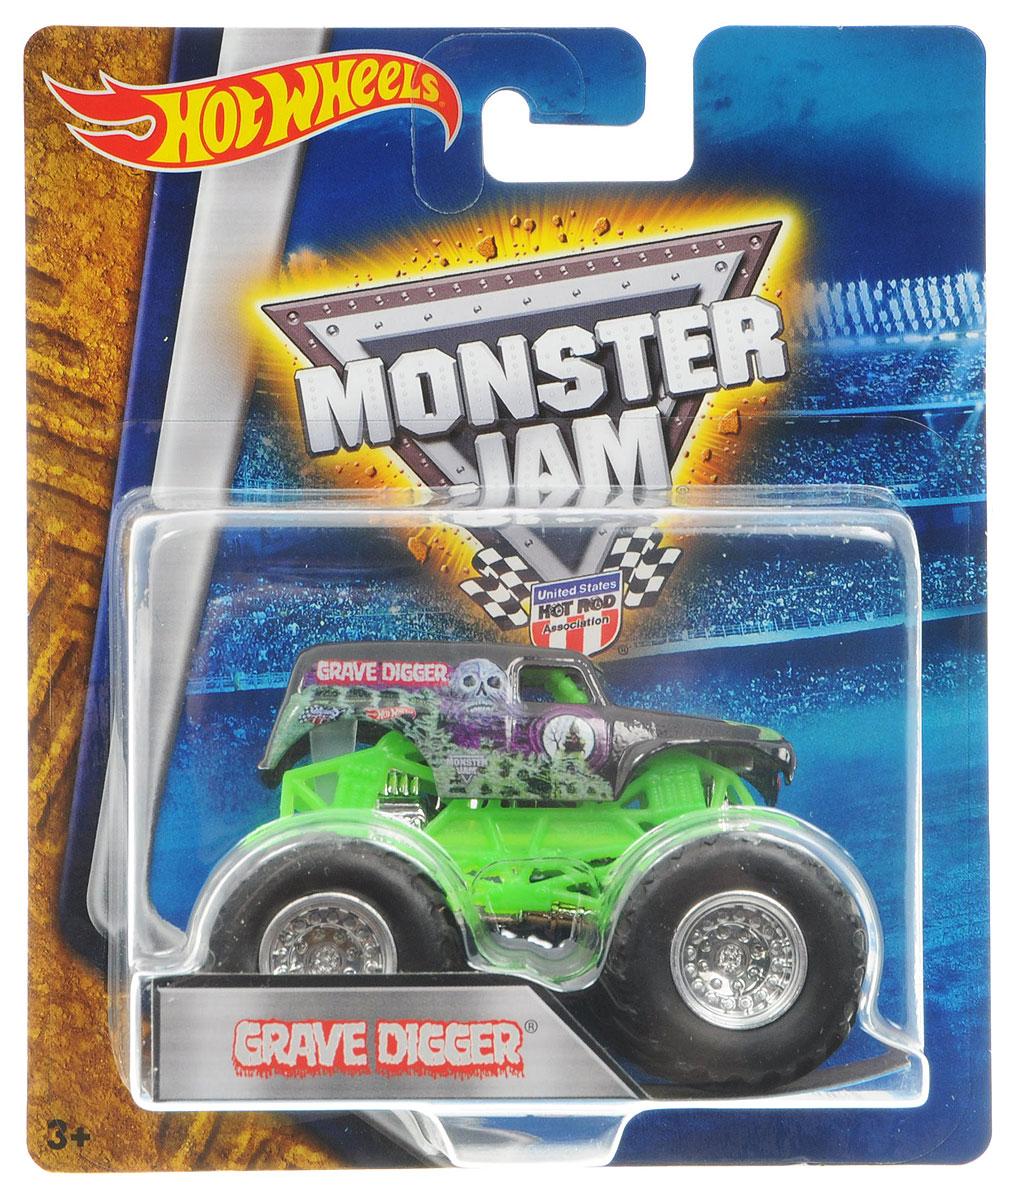 Hot Wheels Monster Jam Машинка Grave Digger цвет зеленыйBHP37_DRR57Машинка Hot Wheels Monster Jam. Grave Digger - это знаменитая модель легендарного автомобиля с большими колесами в масштабе 1:64. Литой корпус, сверкающая кабина, внушительный вид. Внедорожник с неповторимым тюнингом оценят как дети, так и взрослые! Детали игрушки выполнены из высококачественных материалов и абсолютно безопасны для детей. Порадуйте своего малыша таким замечательным подарком!